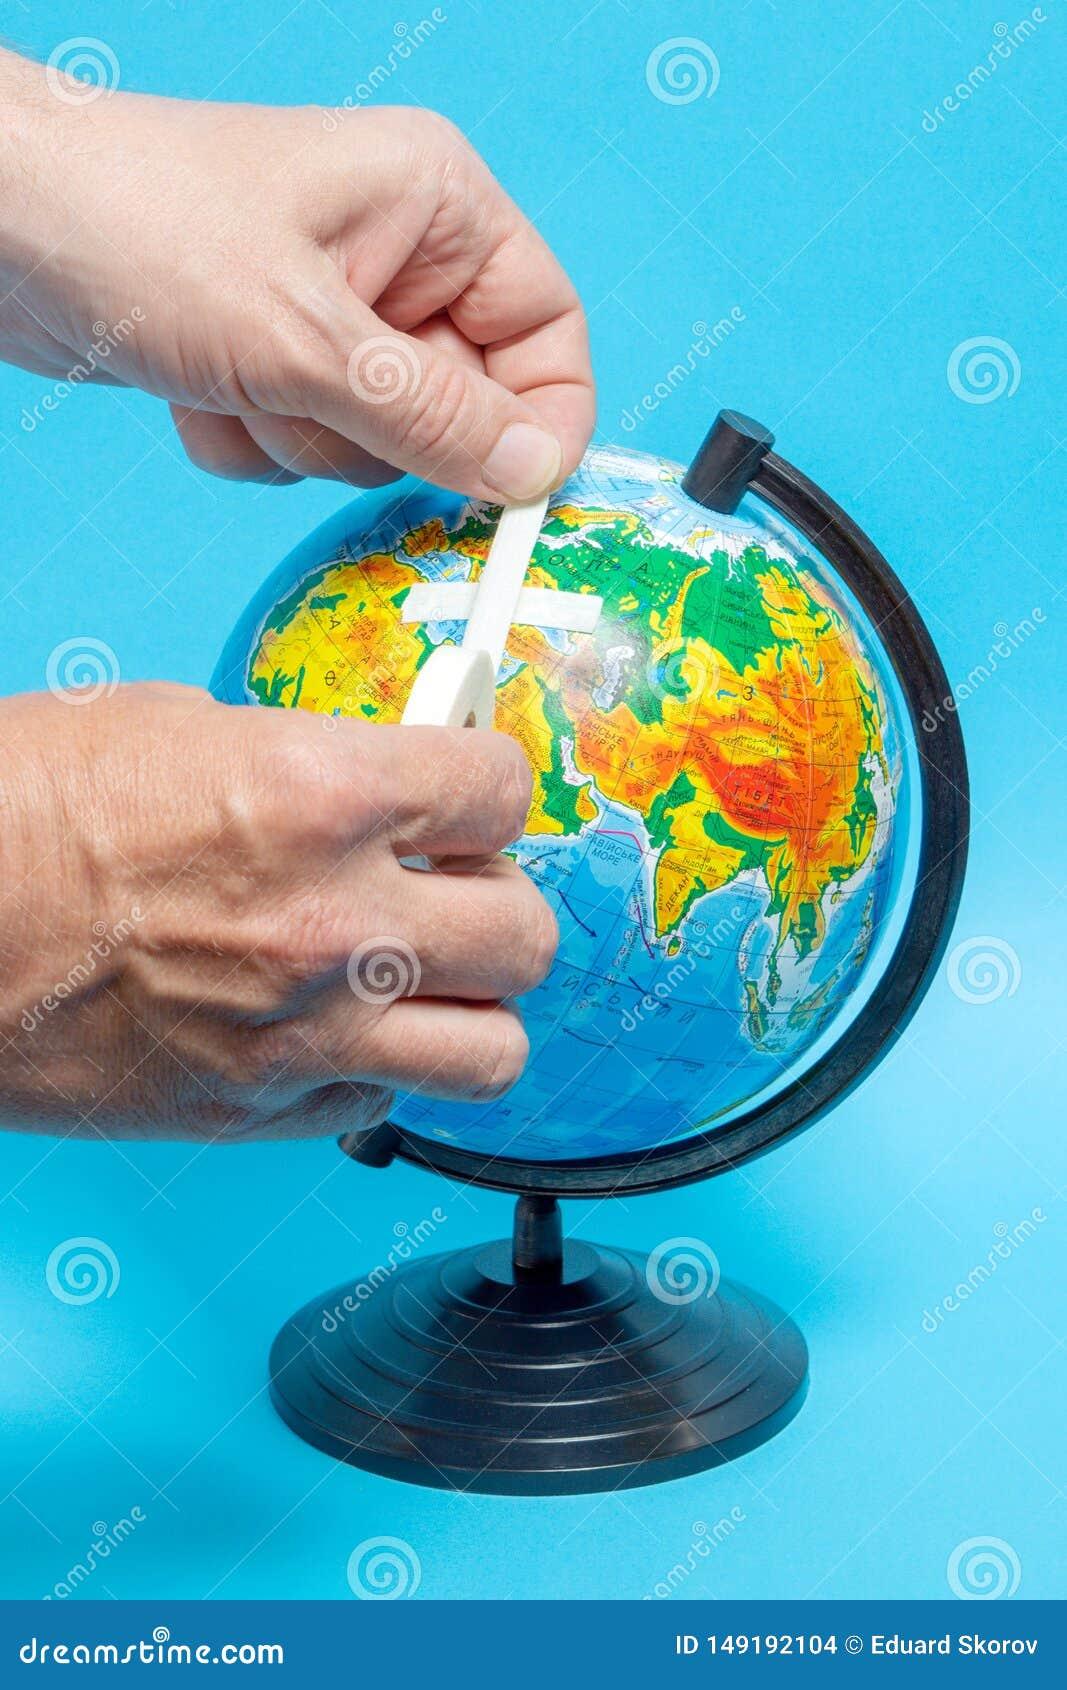 Αρσενικό χέρι που βάζει ένα μπάλωμα σε μια σφαίρα